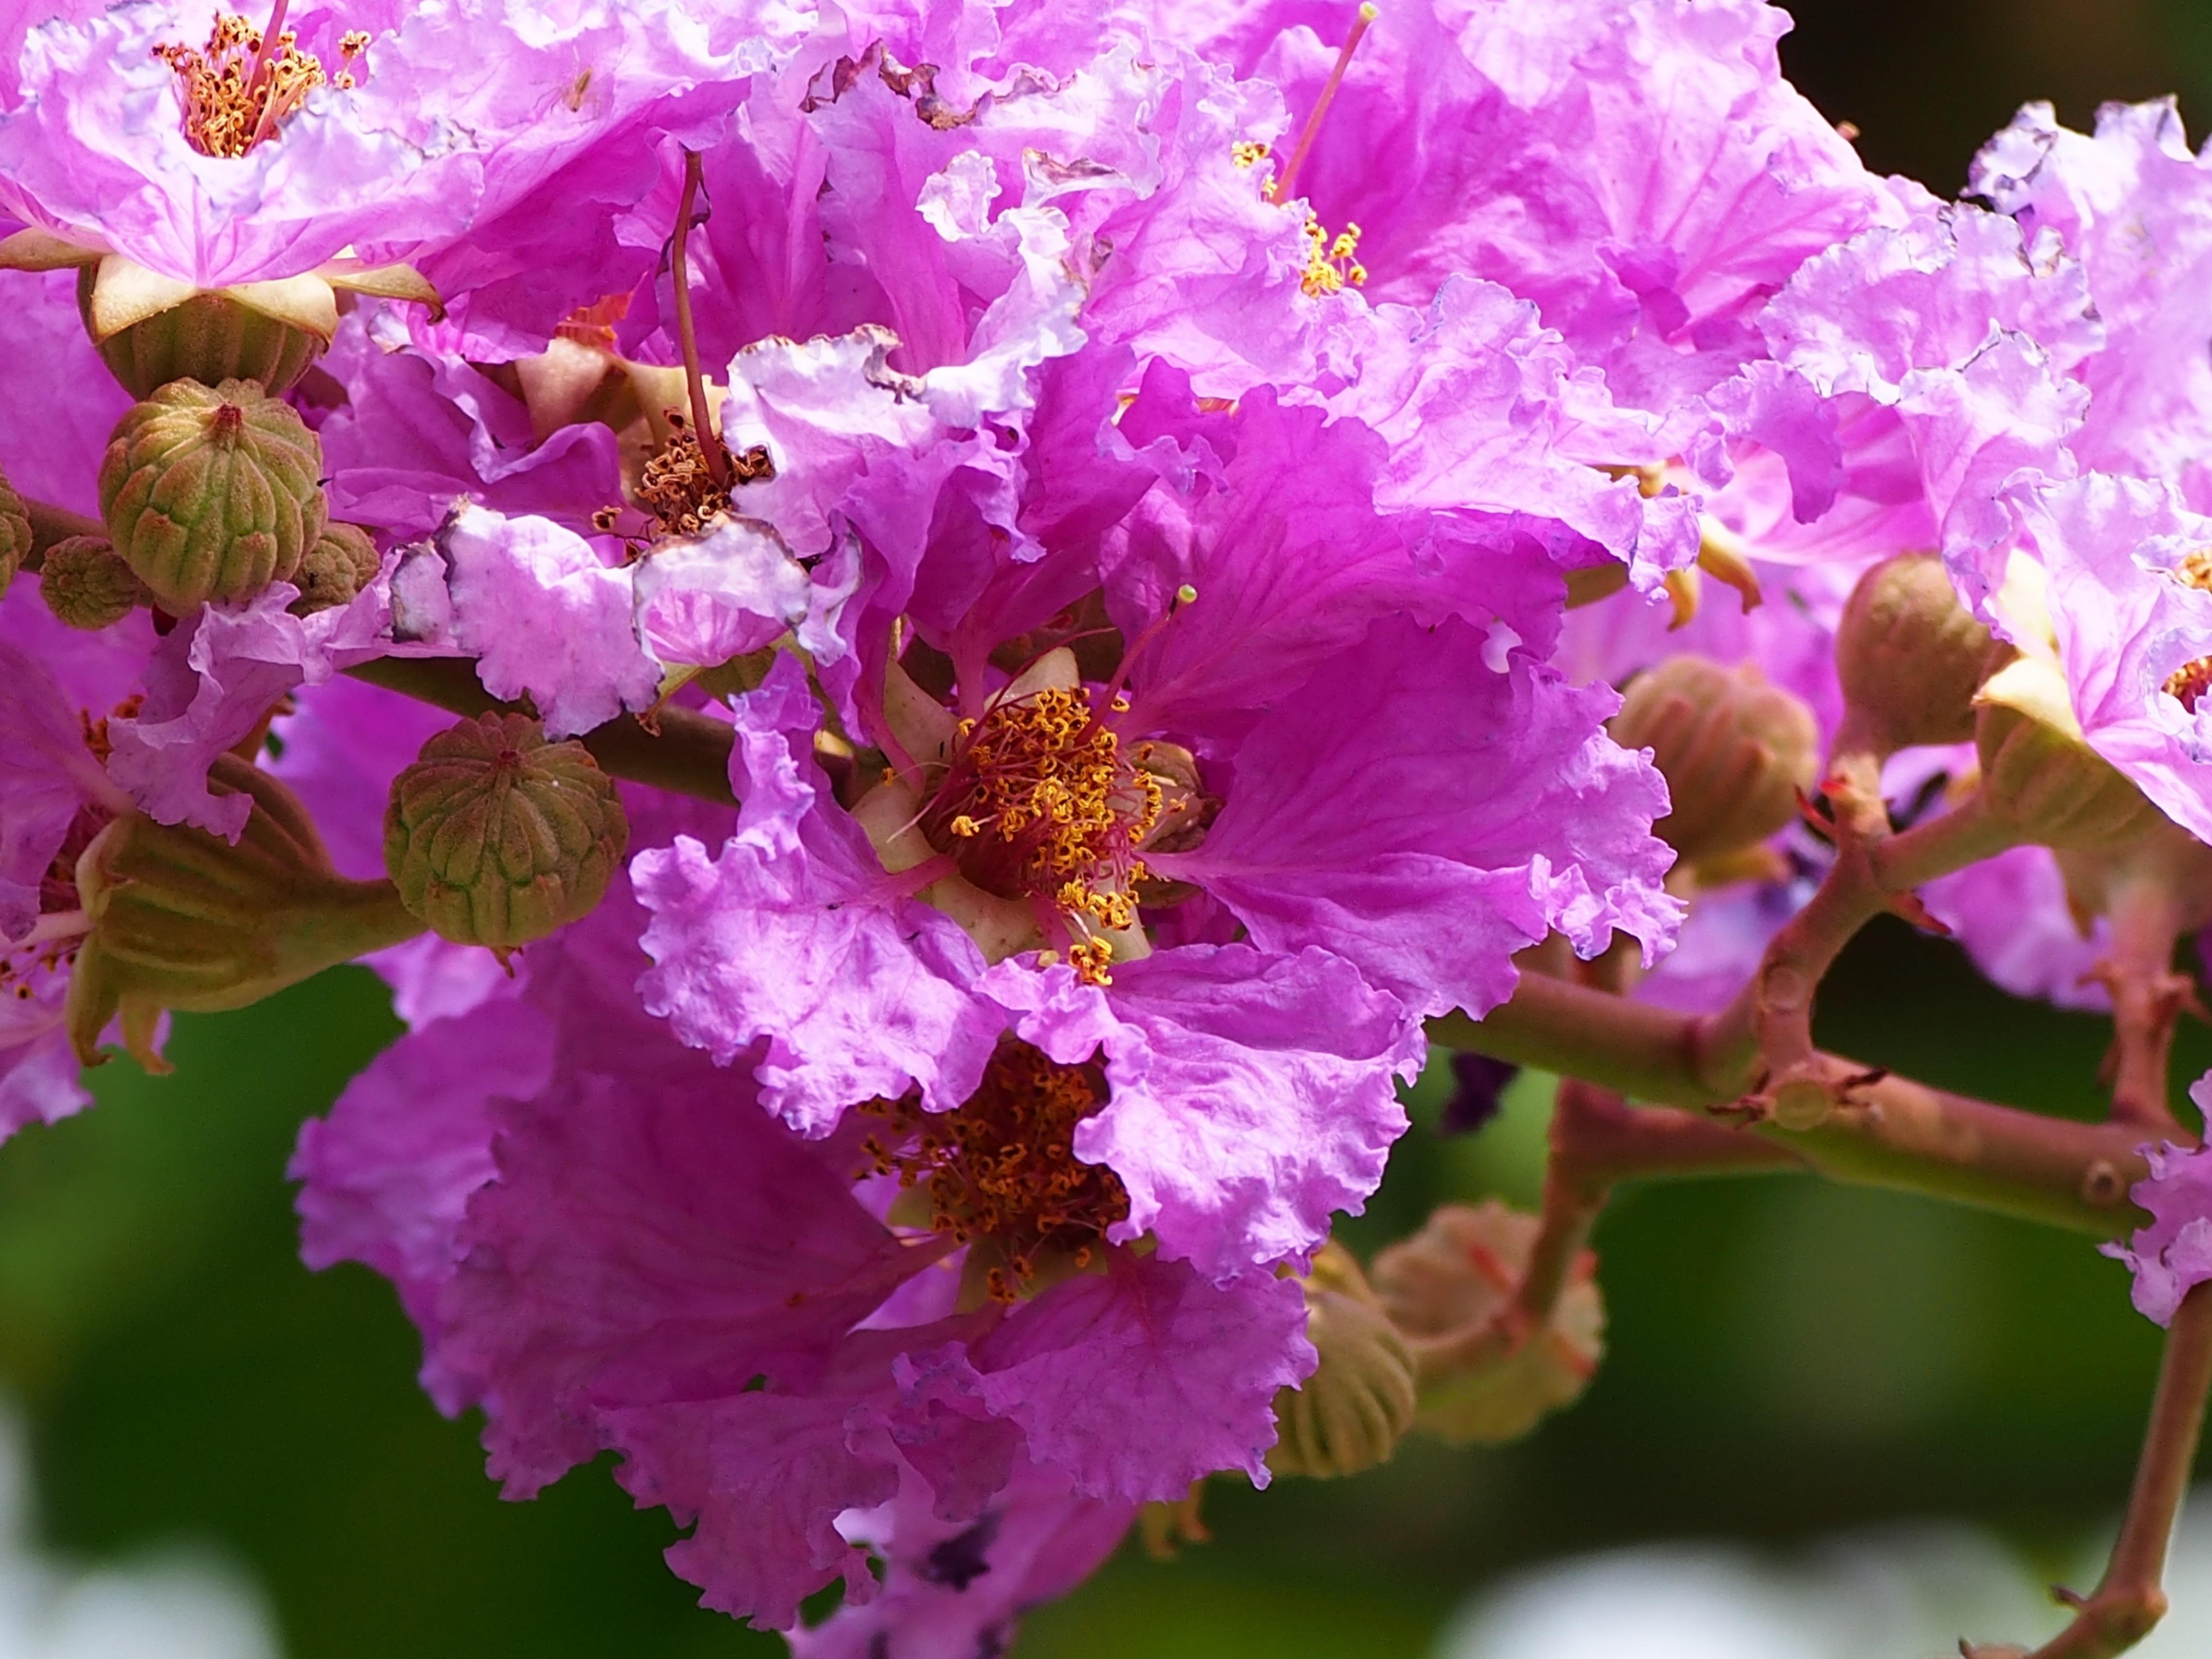 Gambar Cabang Mekar Menanam Daun Bunga Berwarna Merah Muda Flora Belukar Taipei Fotografi Makro Bunga Besar Tanaman Berbunga Kain Sutera Murad Pink Dan Ungu Kayu Tanaman Tanaman Tanah 4608x3456